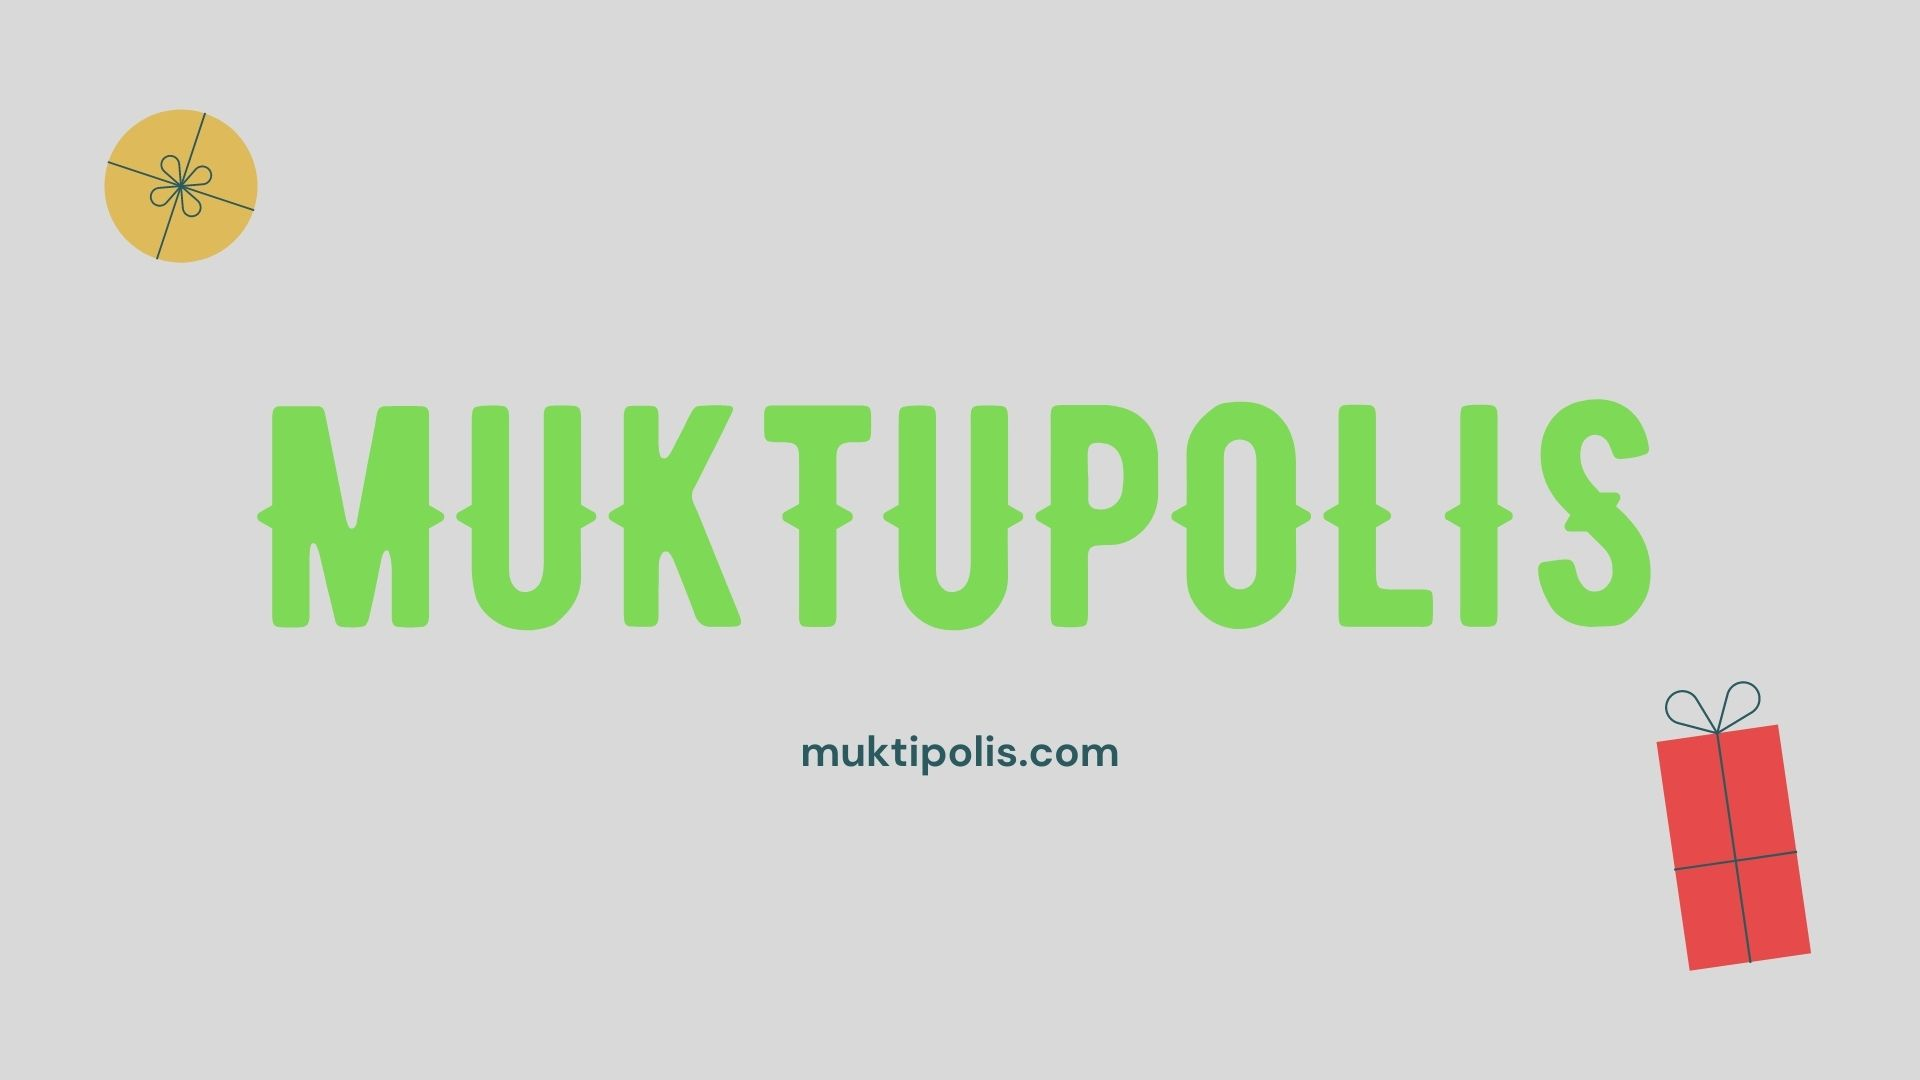 Muktupolis